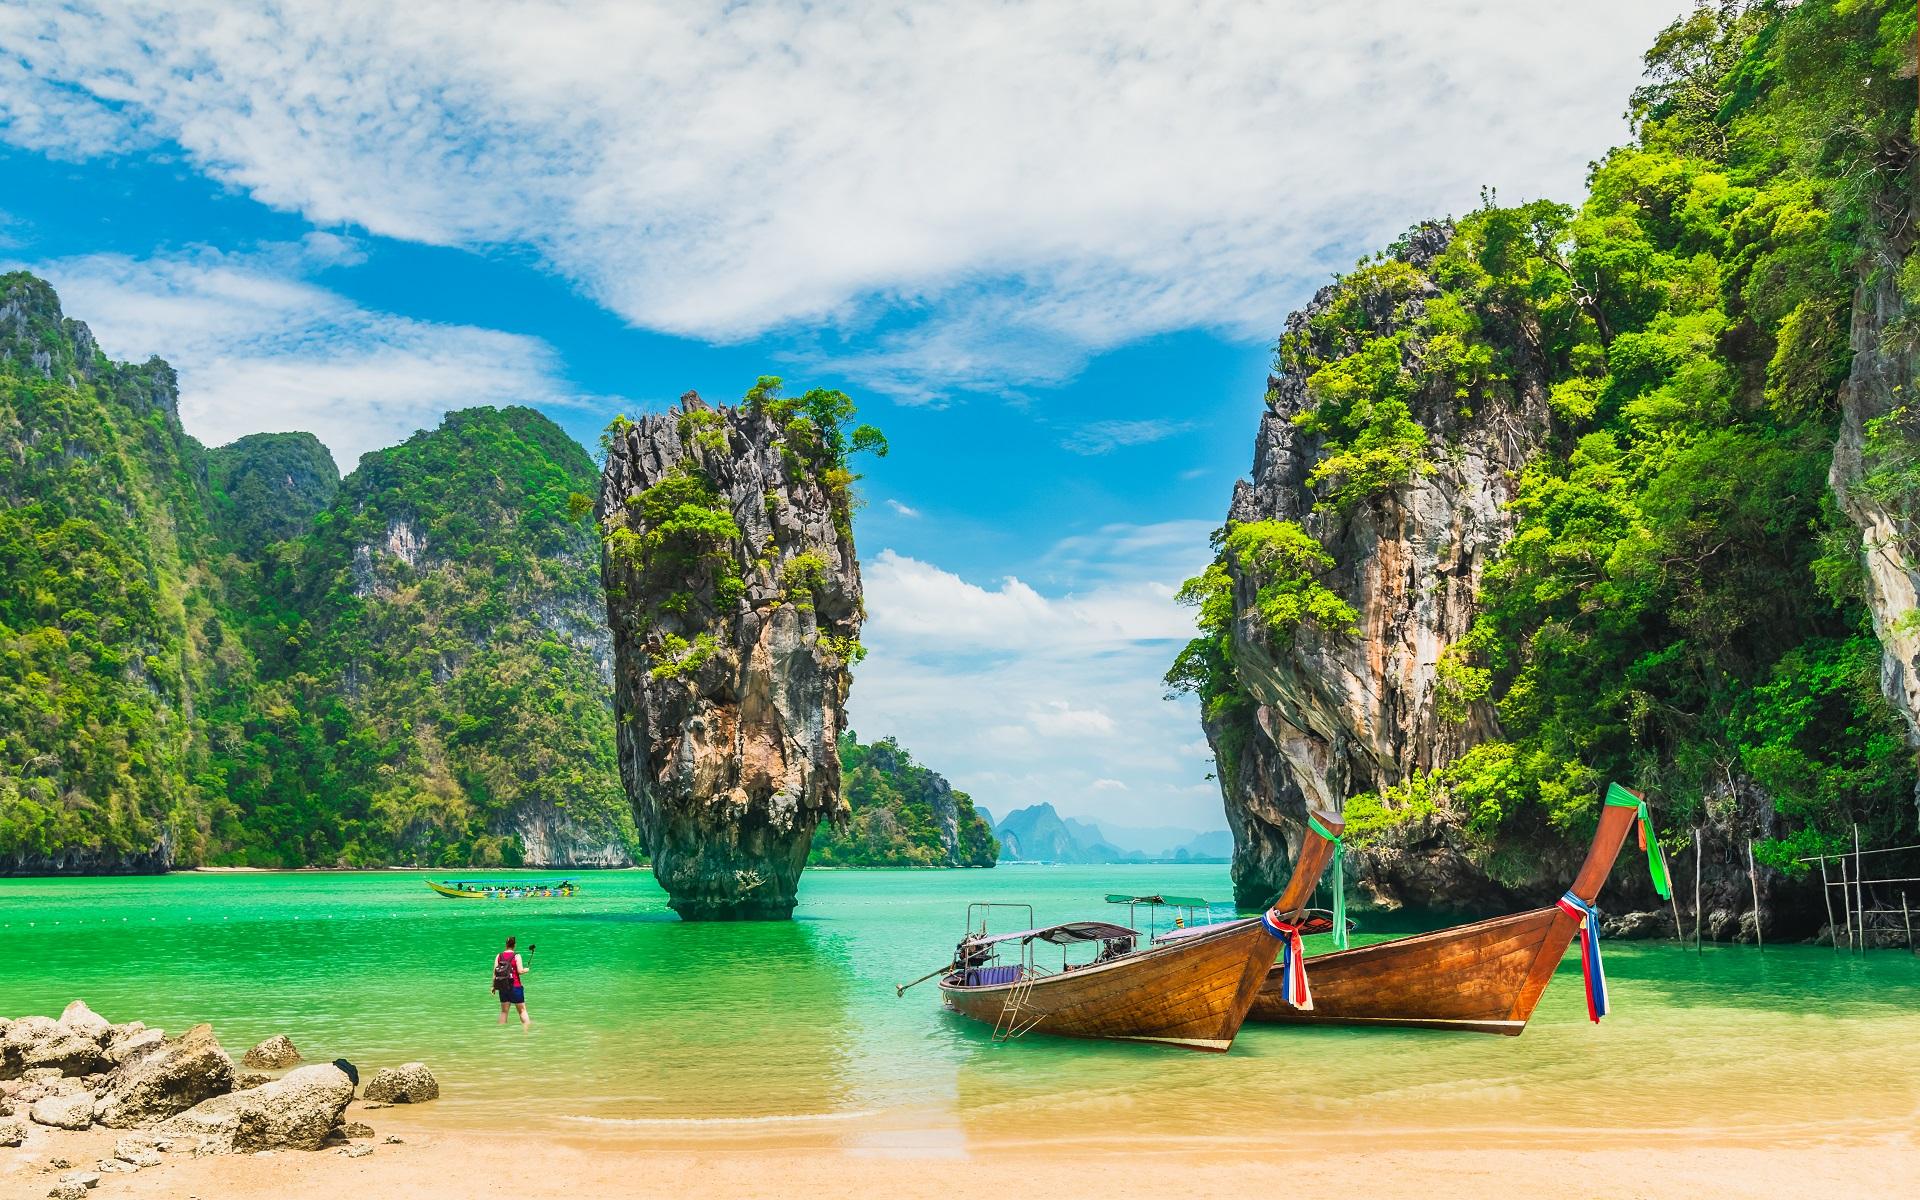 phuket-096825